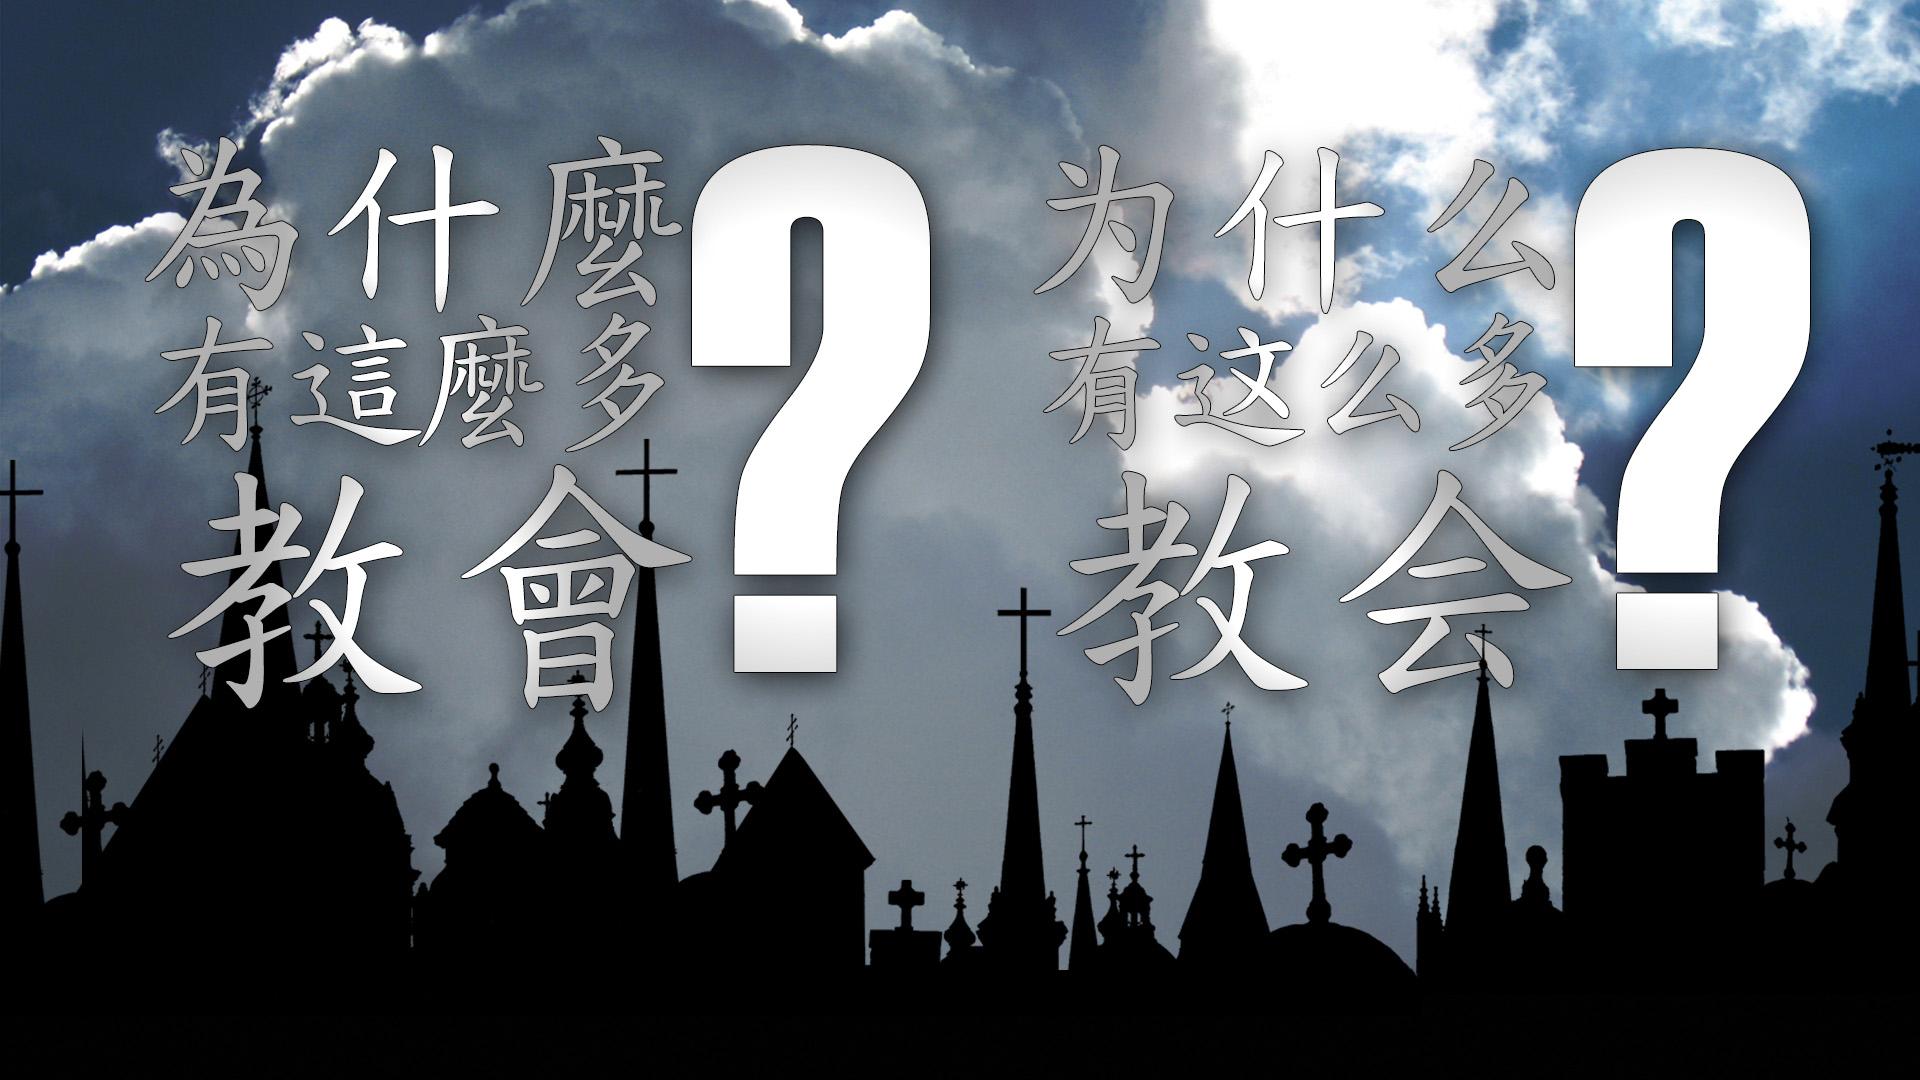 为什么有这么多教会?(為什麼有這麼多教會?)(Why Are There So Many Churches?)